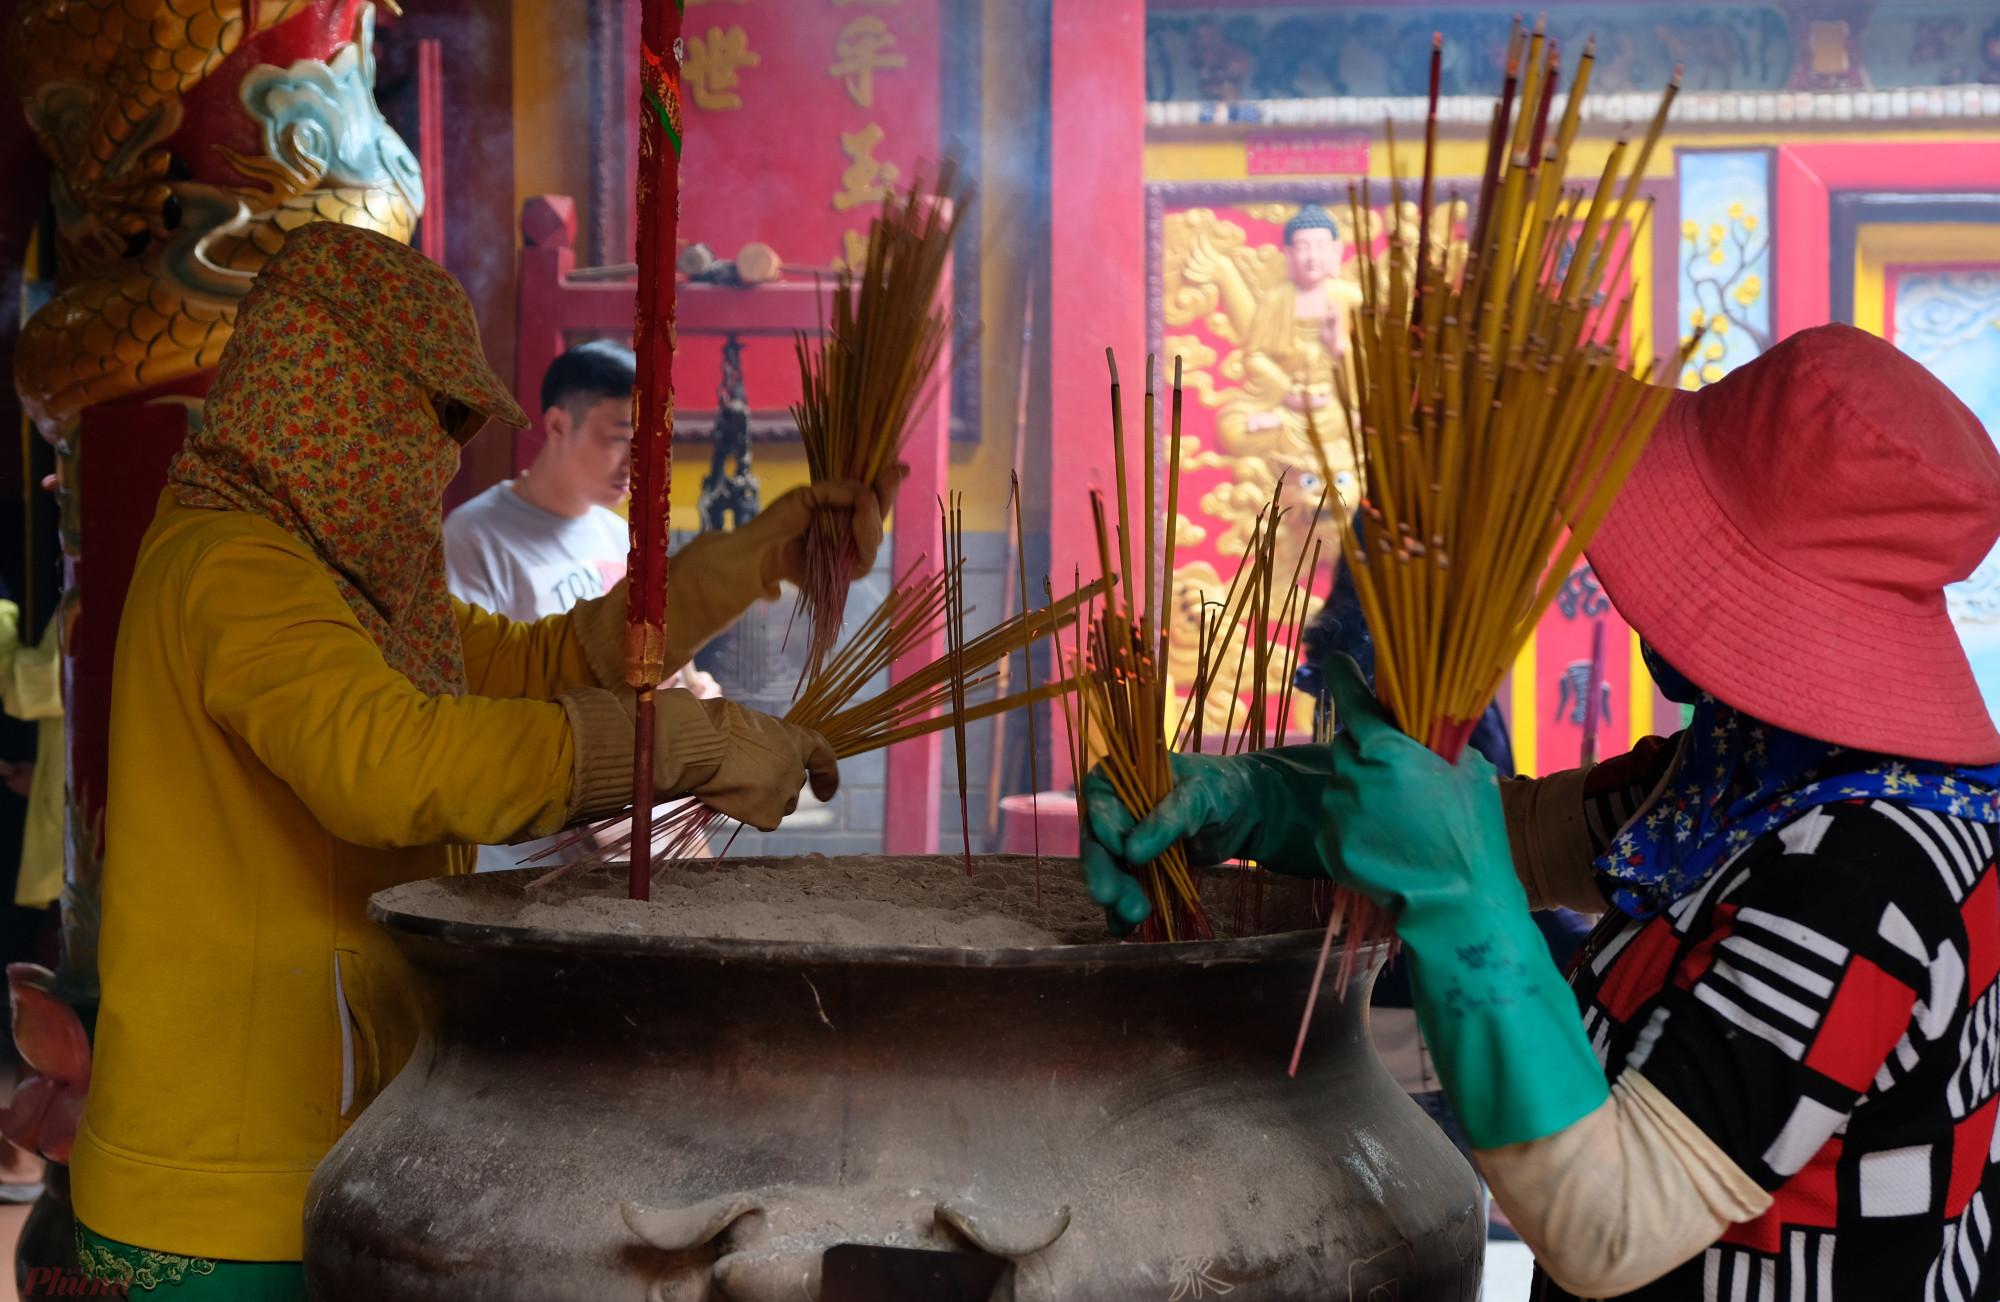 Số nhang thắp vào lư nhang ở Hội quán Ôn Lăng ngày mồng 6 Tết Nguyên đán 2020 nhiều đến nỗi, hai người rút đi mới kịp - Ảnh: Đậu Dung